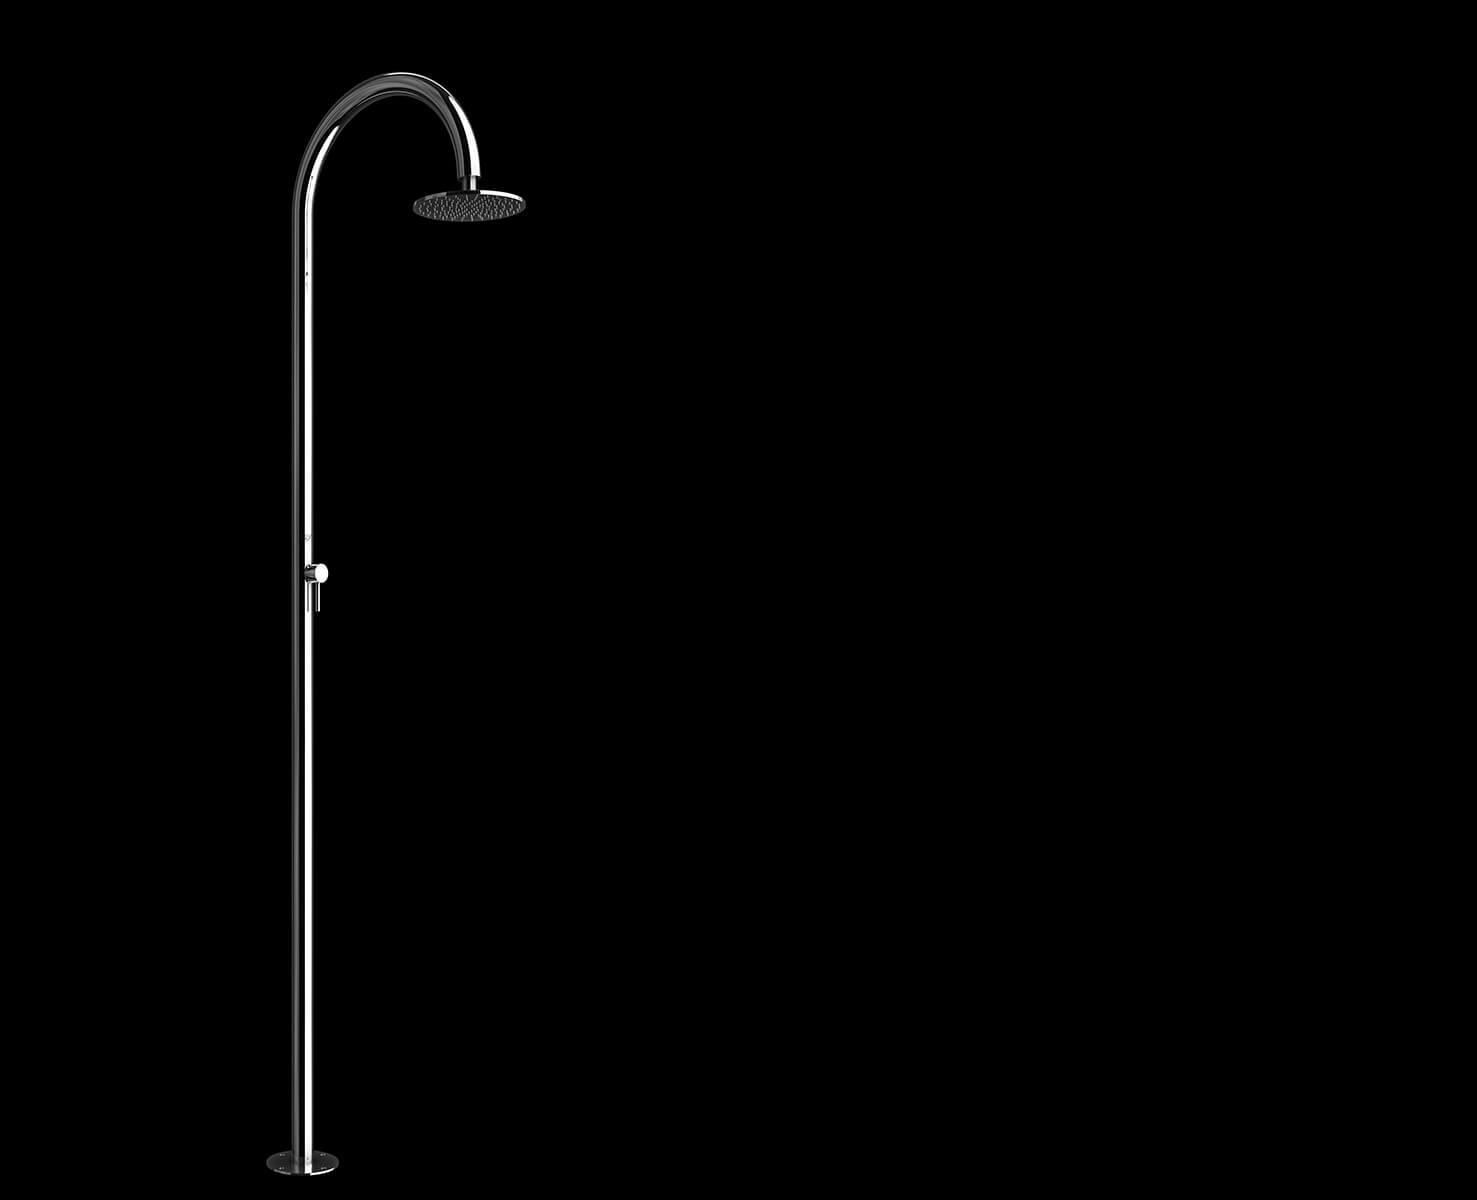 Imagínese la ducha al aire libre, piscina, jardín - Sole 48 Inoxstyle